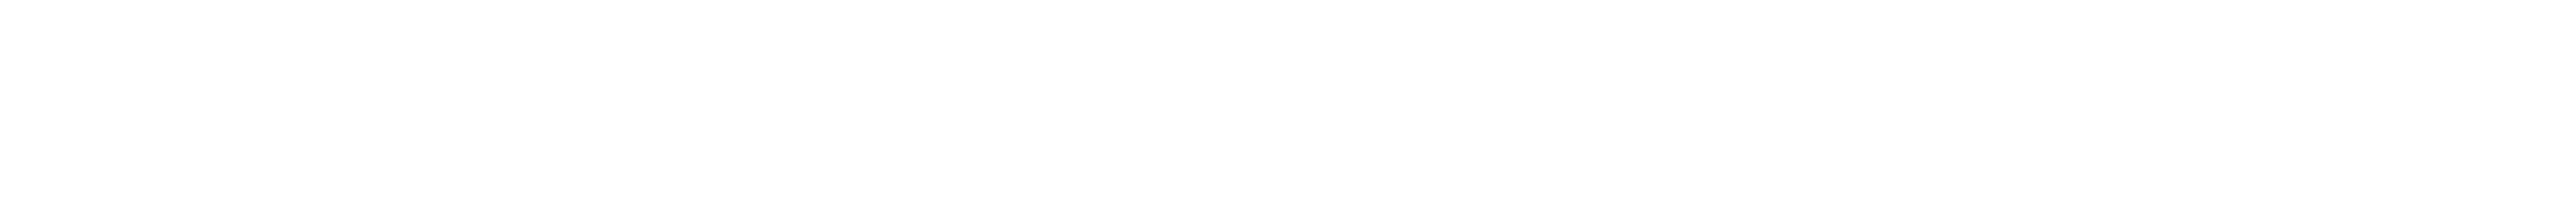 会津天宝醸造株式会社